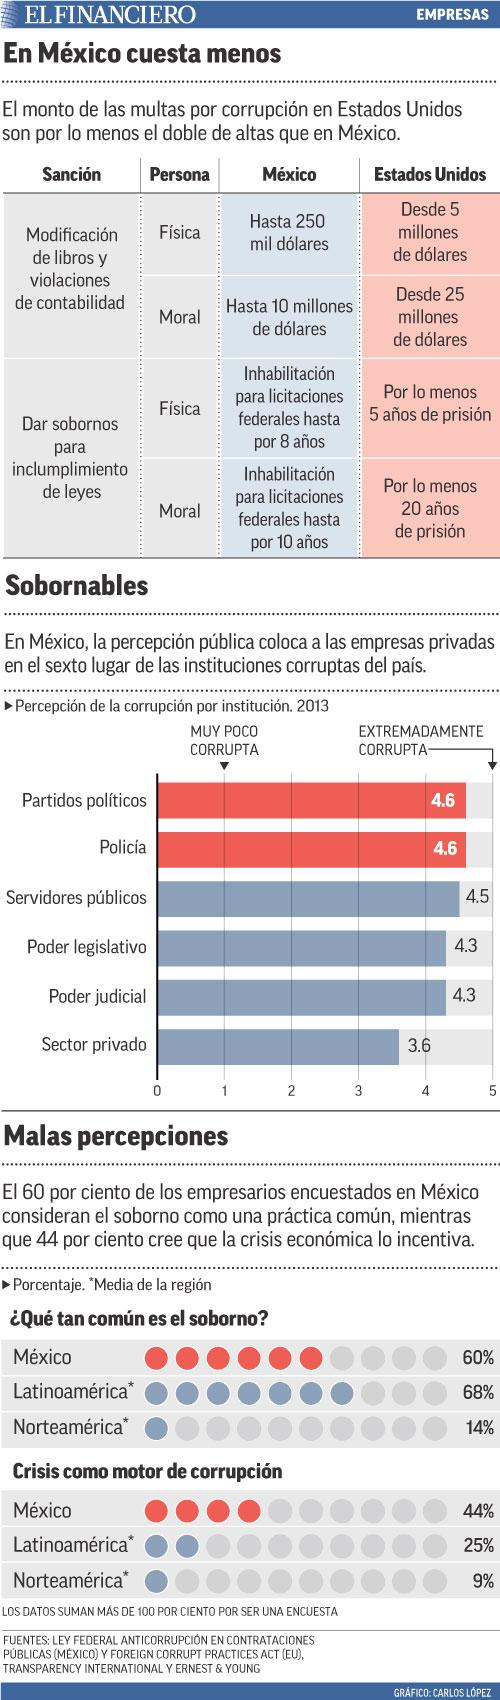 El monto de las multas por corrupción en Estados Unidos son por lo menos el doble de altas que en México.